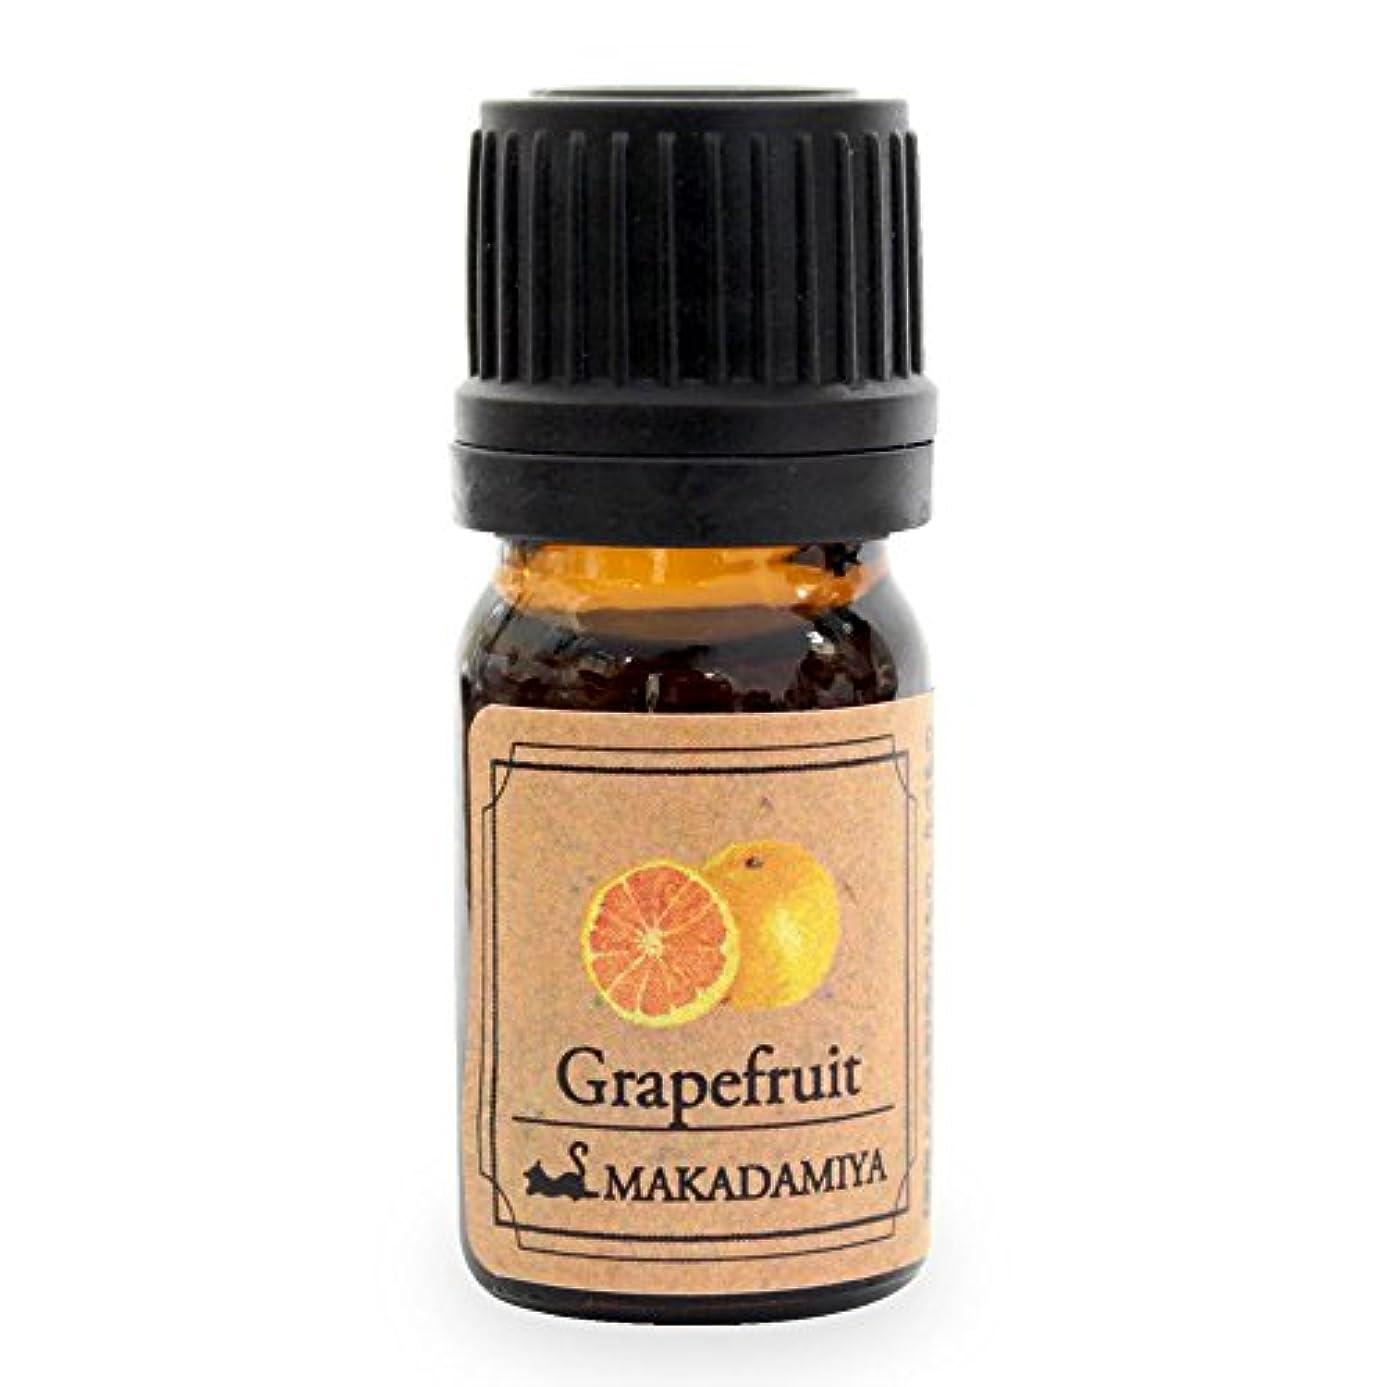 応用バルセロナ無意識グレープフルーツ5ml 天然100%植物性 エッセンシャルオイル(精油) アロマオイル アロママッサージ aroma Grapefruit